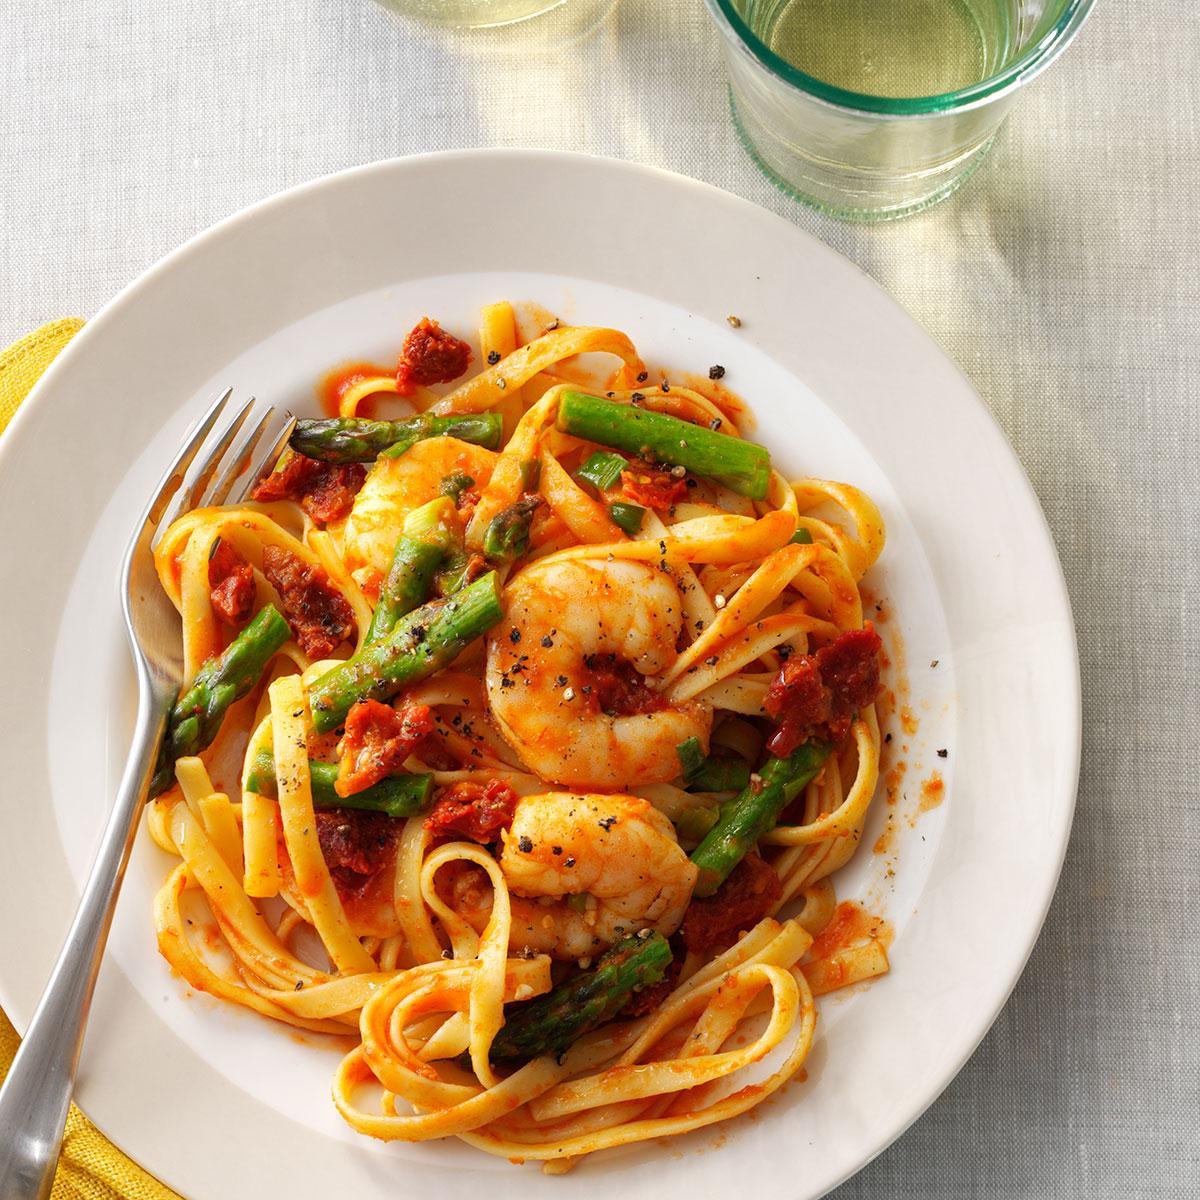 Shrimp Recipes Pasta  Mediterranean Shrimp n Pasta Recipe